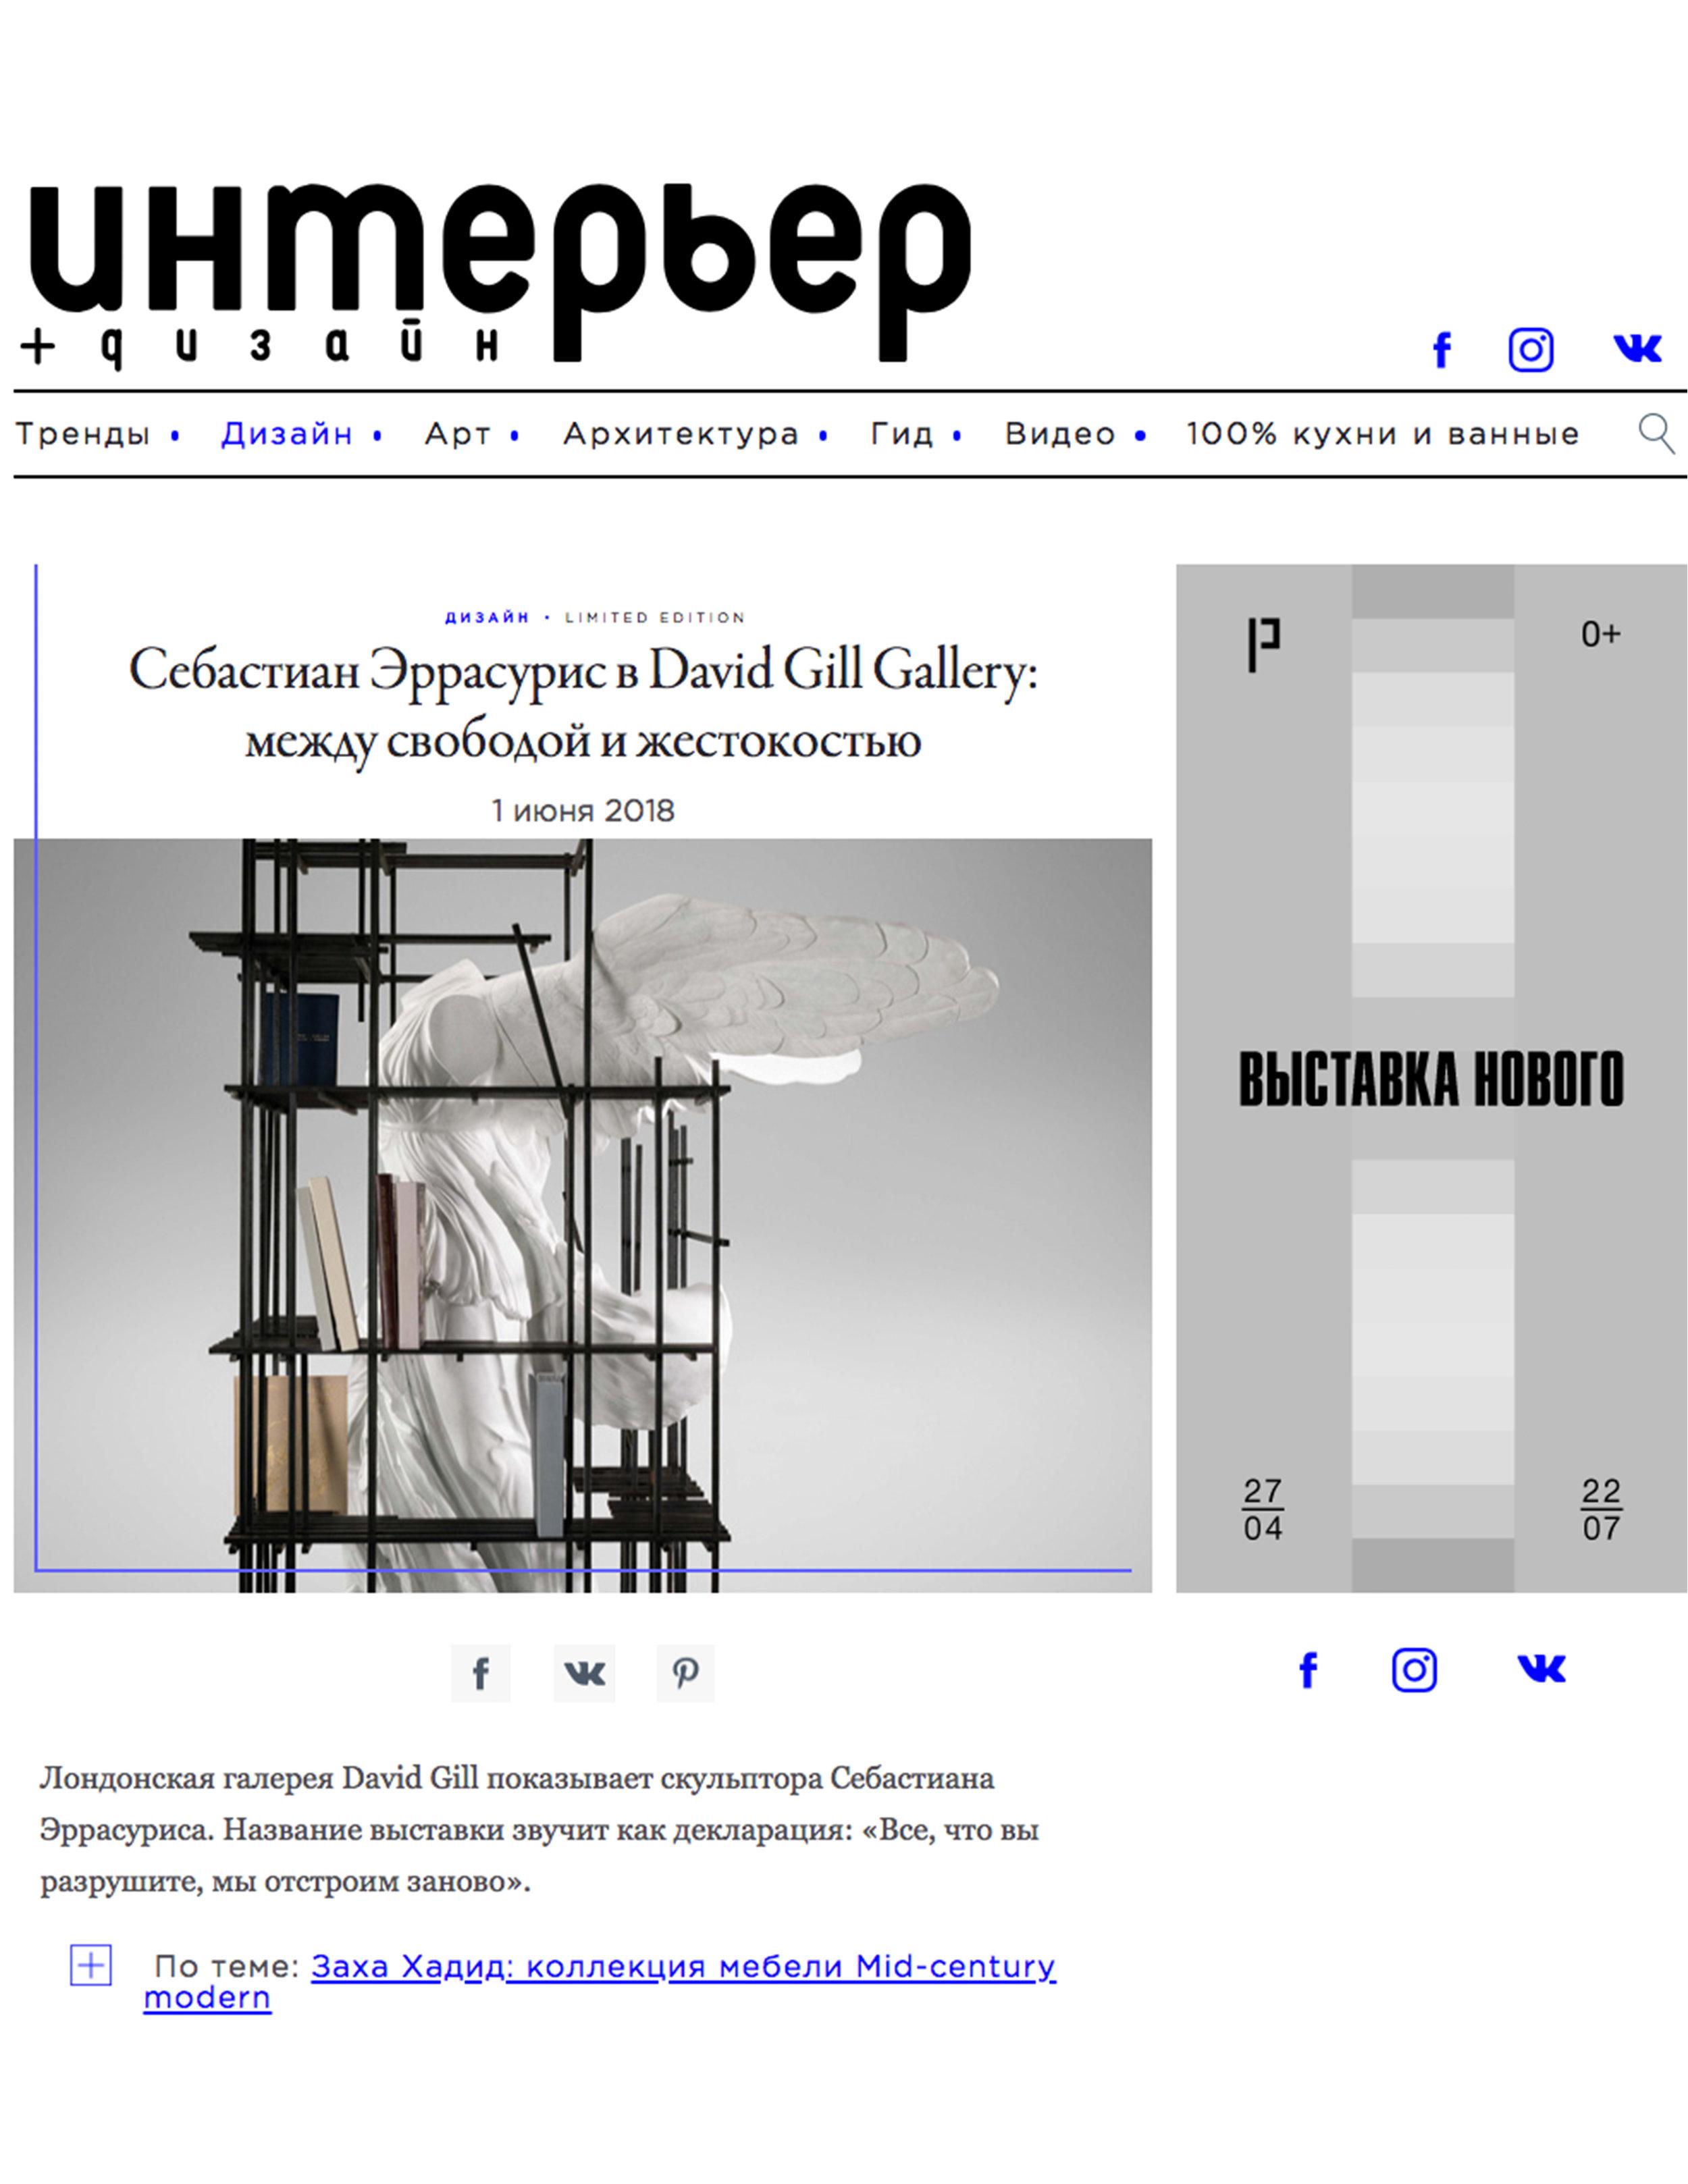 GillPress_Press_mr_UhmepbepLetter_1.jpg